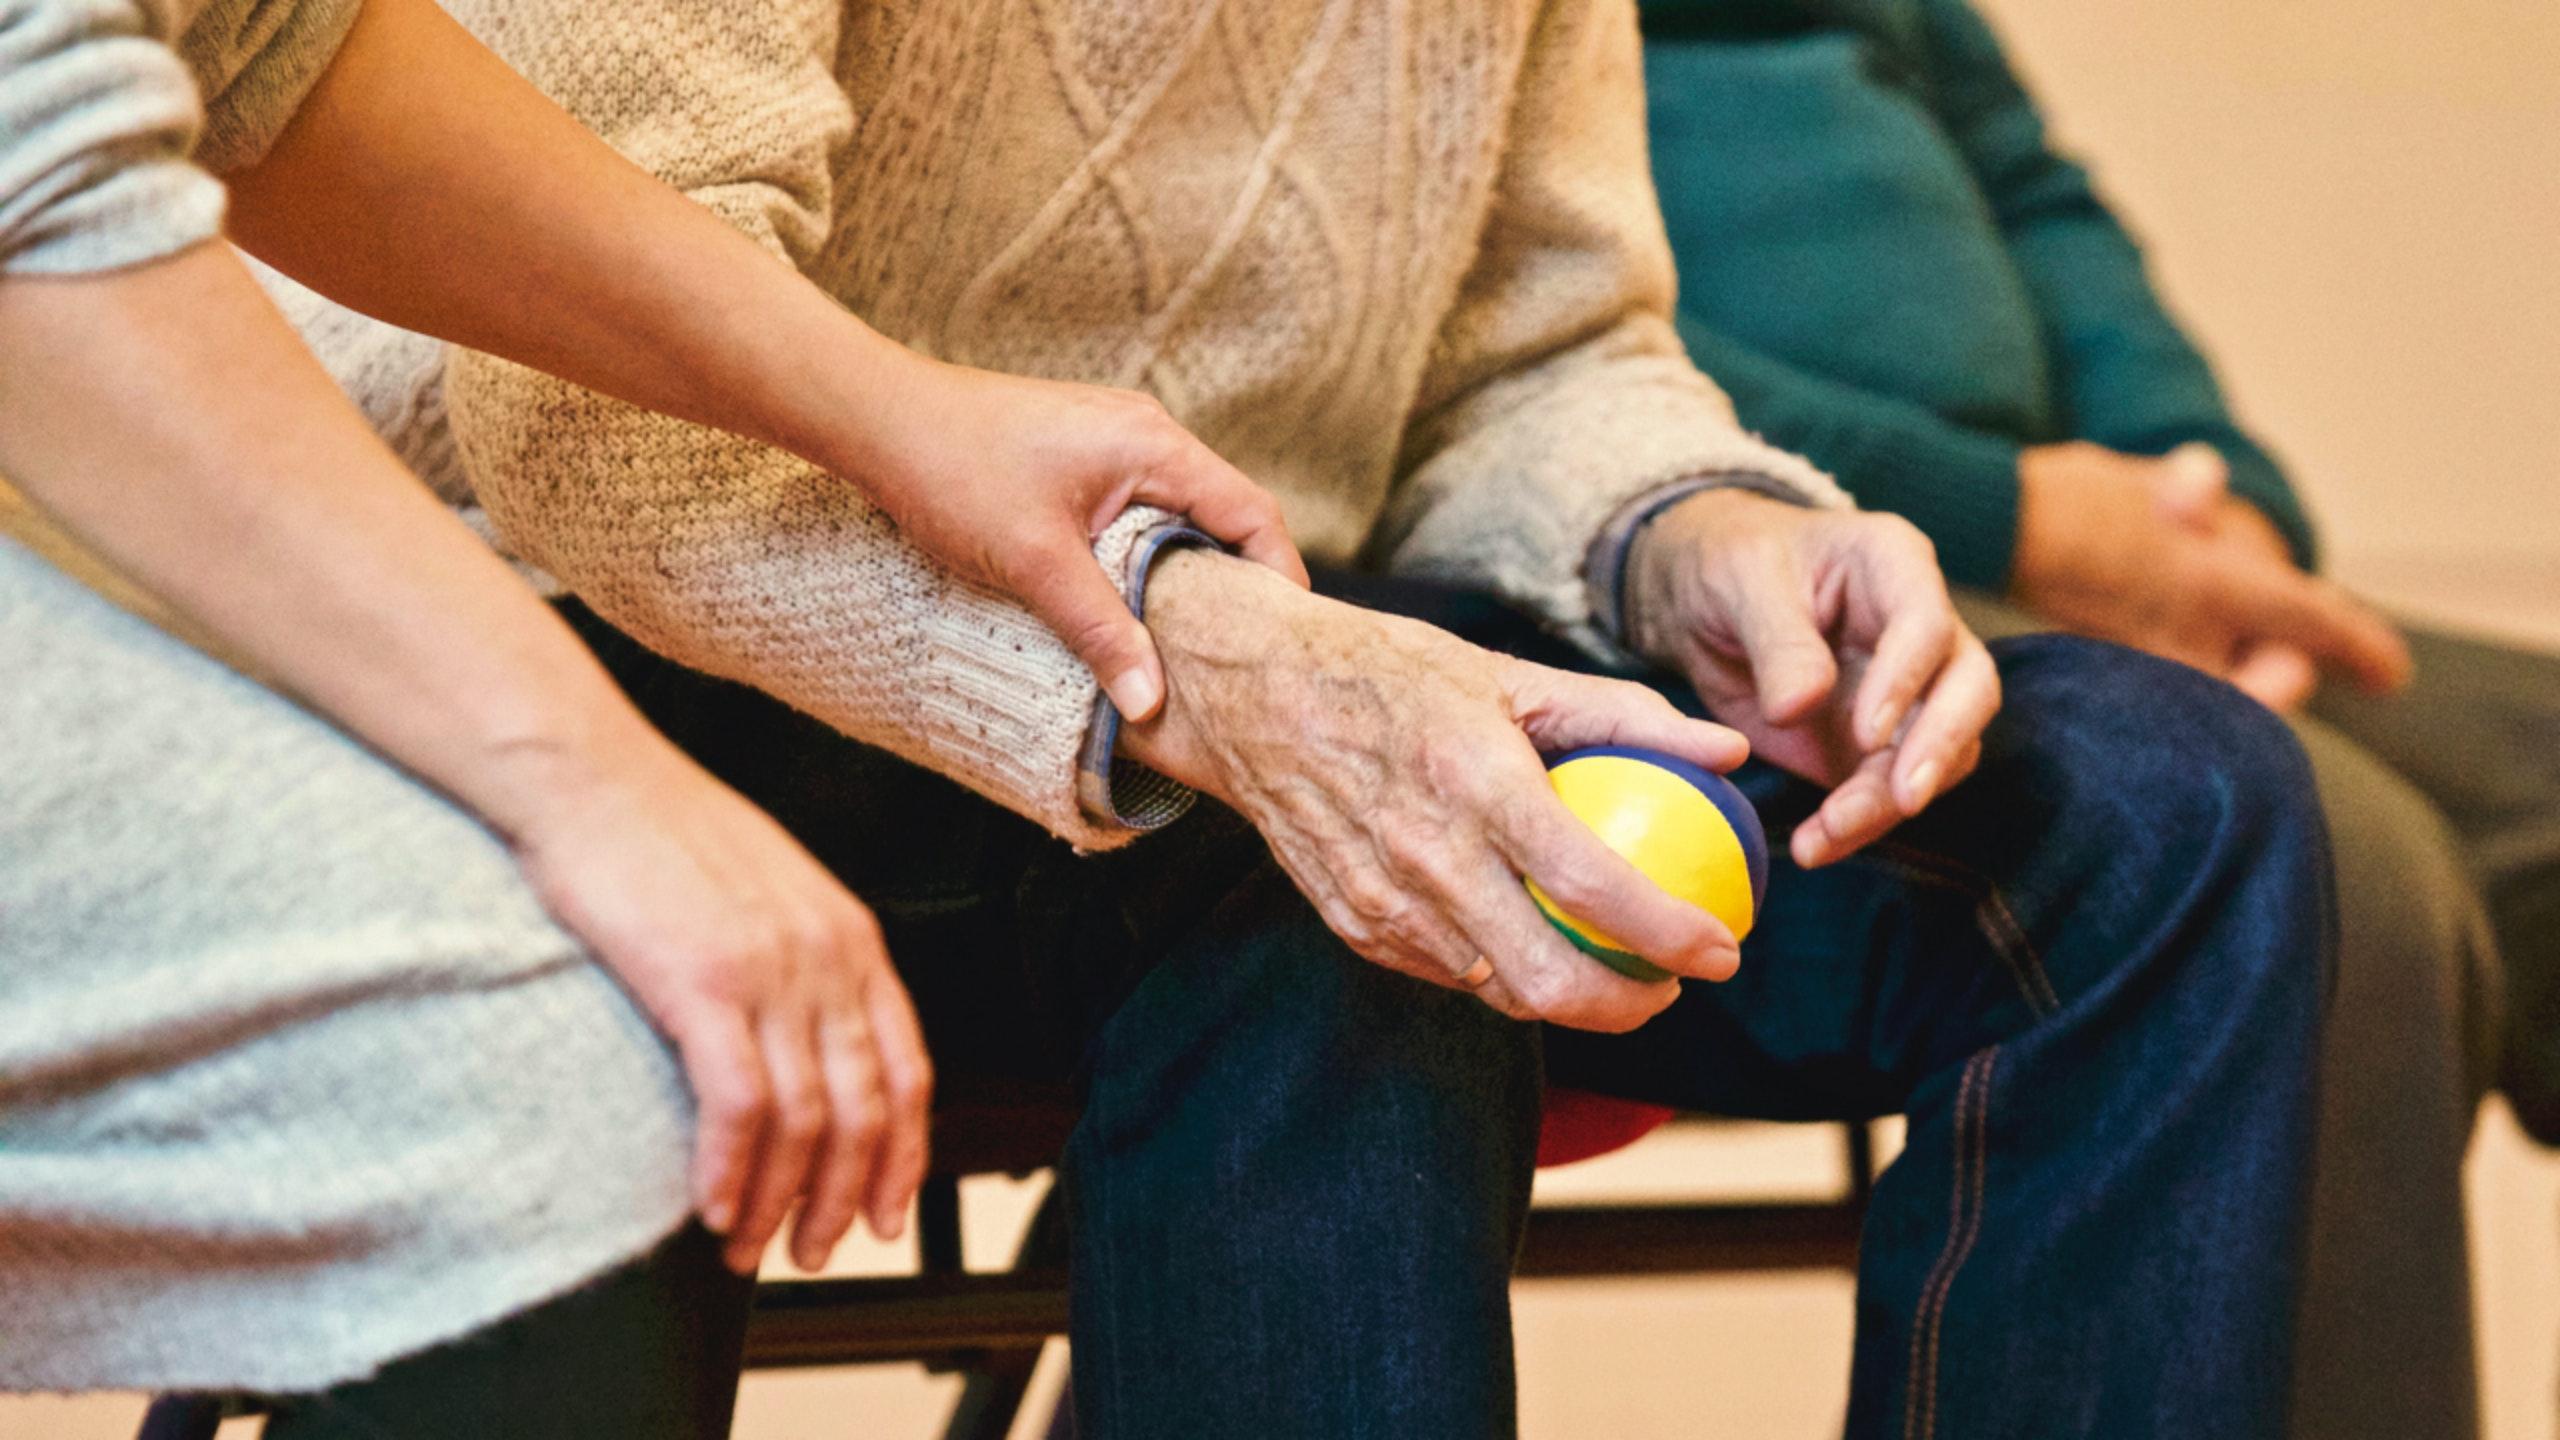 В России предложили ввести новый вид страхования для пожилых